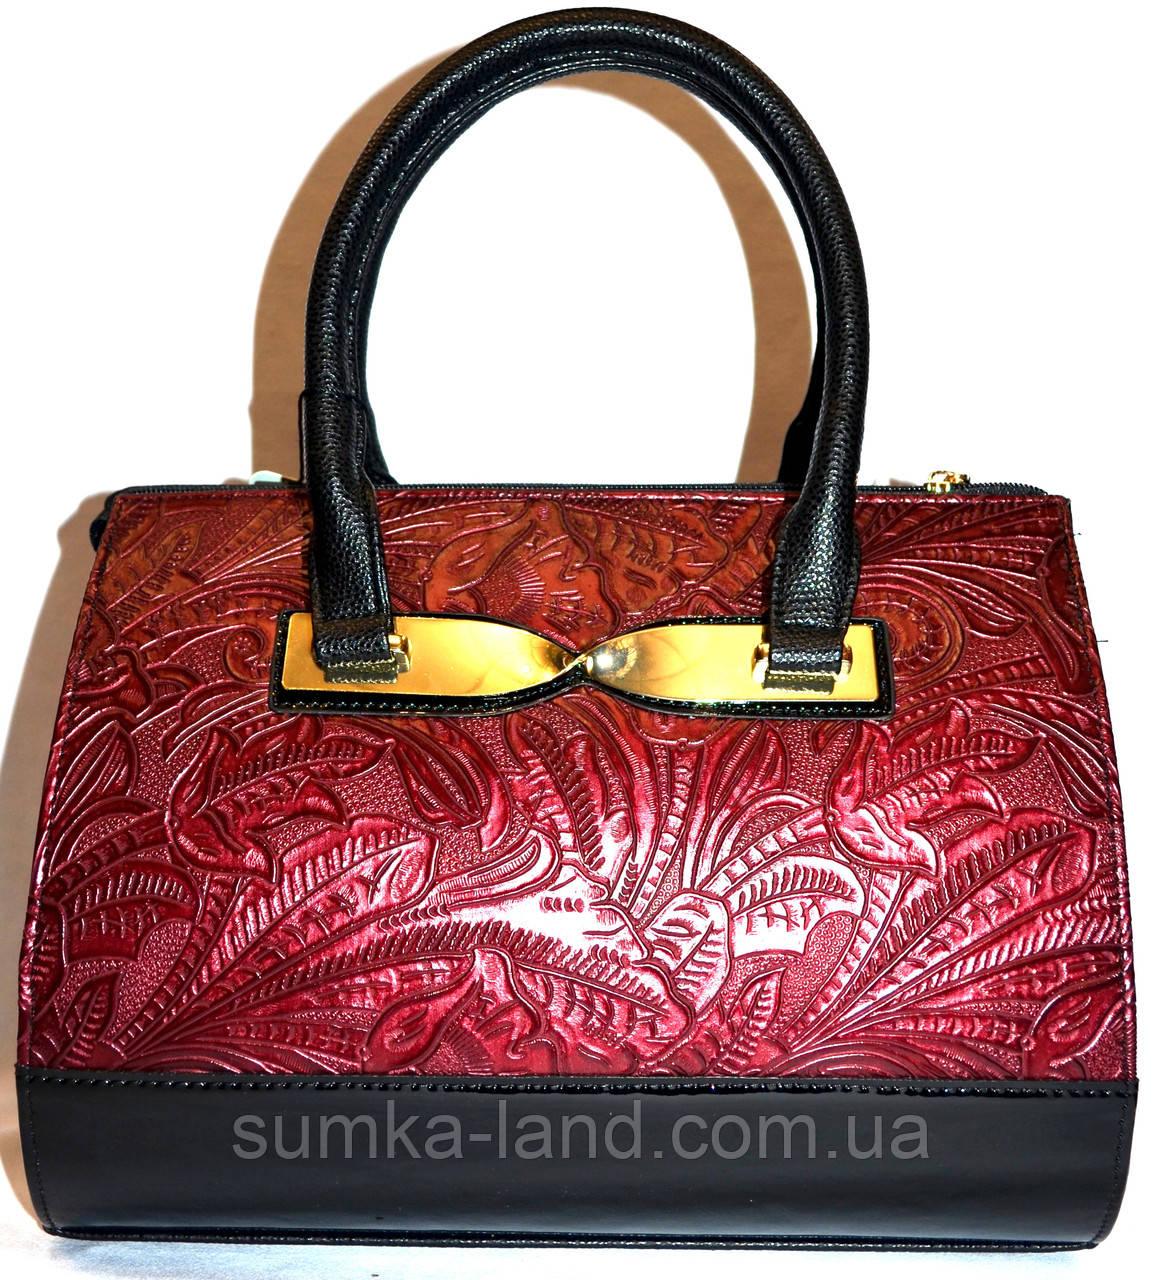 8dcc971fbc65 Женские элитные сумки Премиум класса (КРАСНЫЙ), цена 396 грн., купить в  Харькове — Prom.ua (ID#531096591)